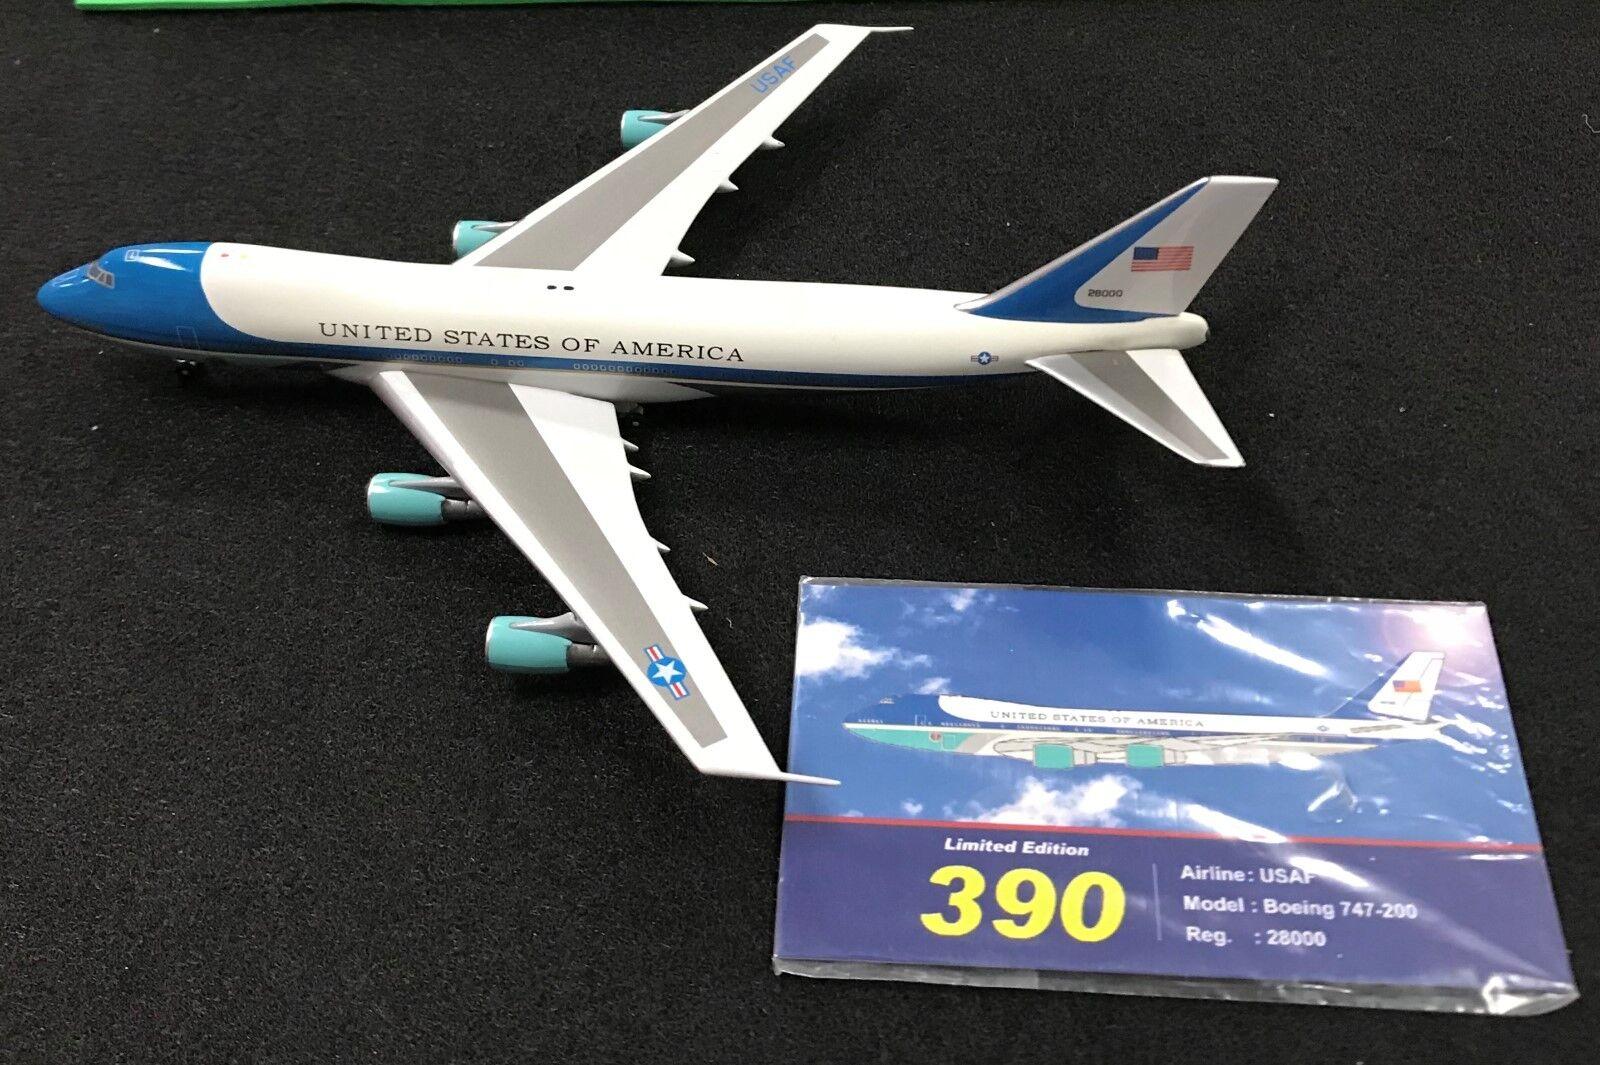 tienda Aviation 400 400 400 EE. UU. Estados Unidos de América B747-200 AV4742028 Reg 28000 (0040)  de moda